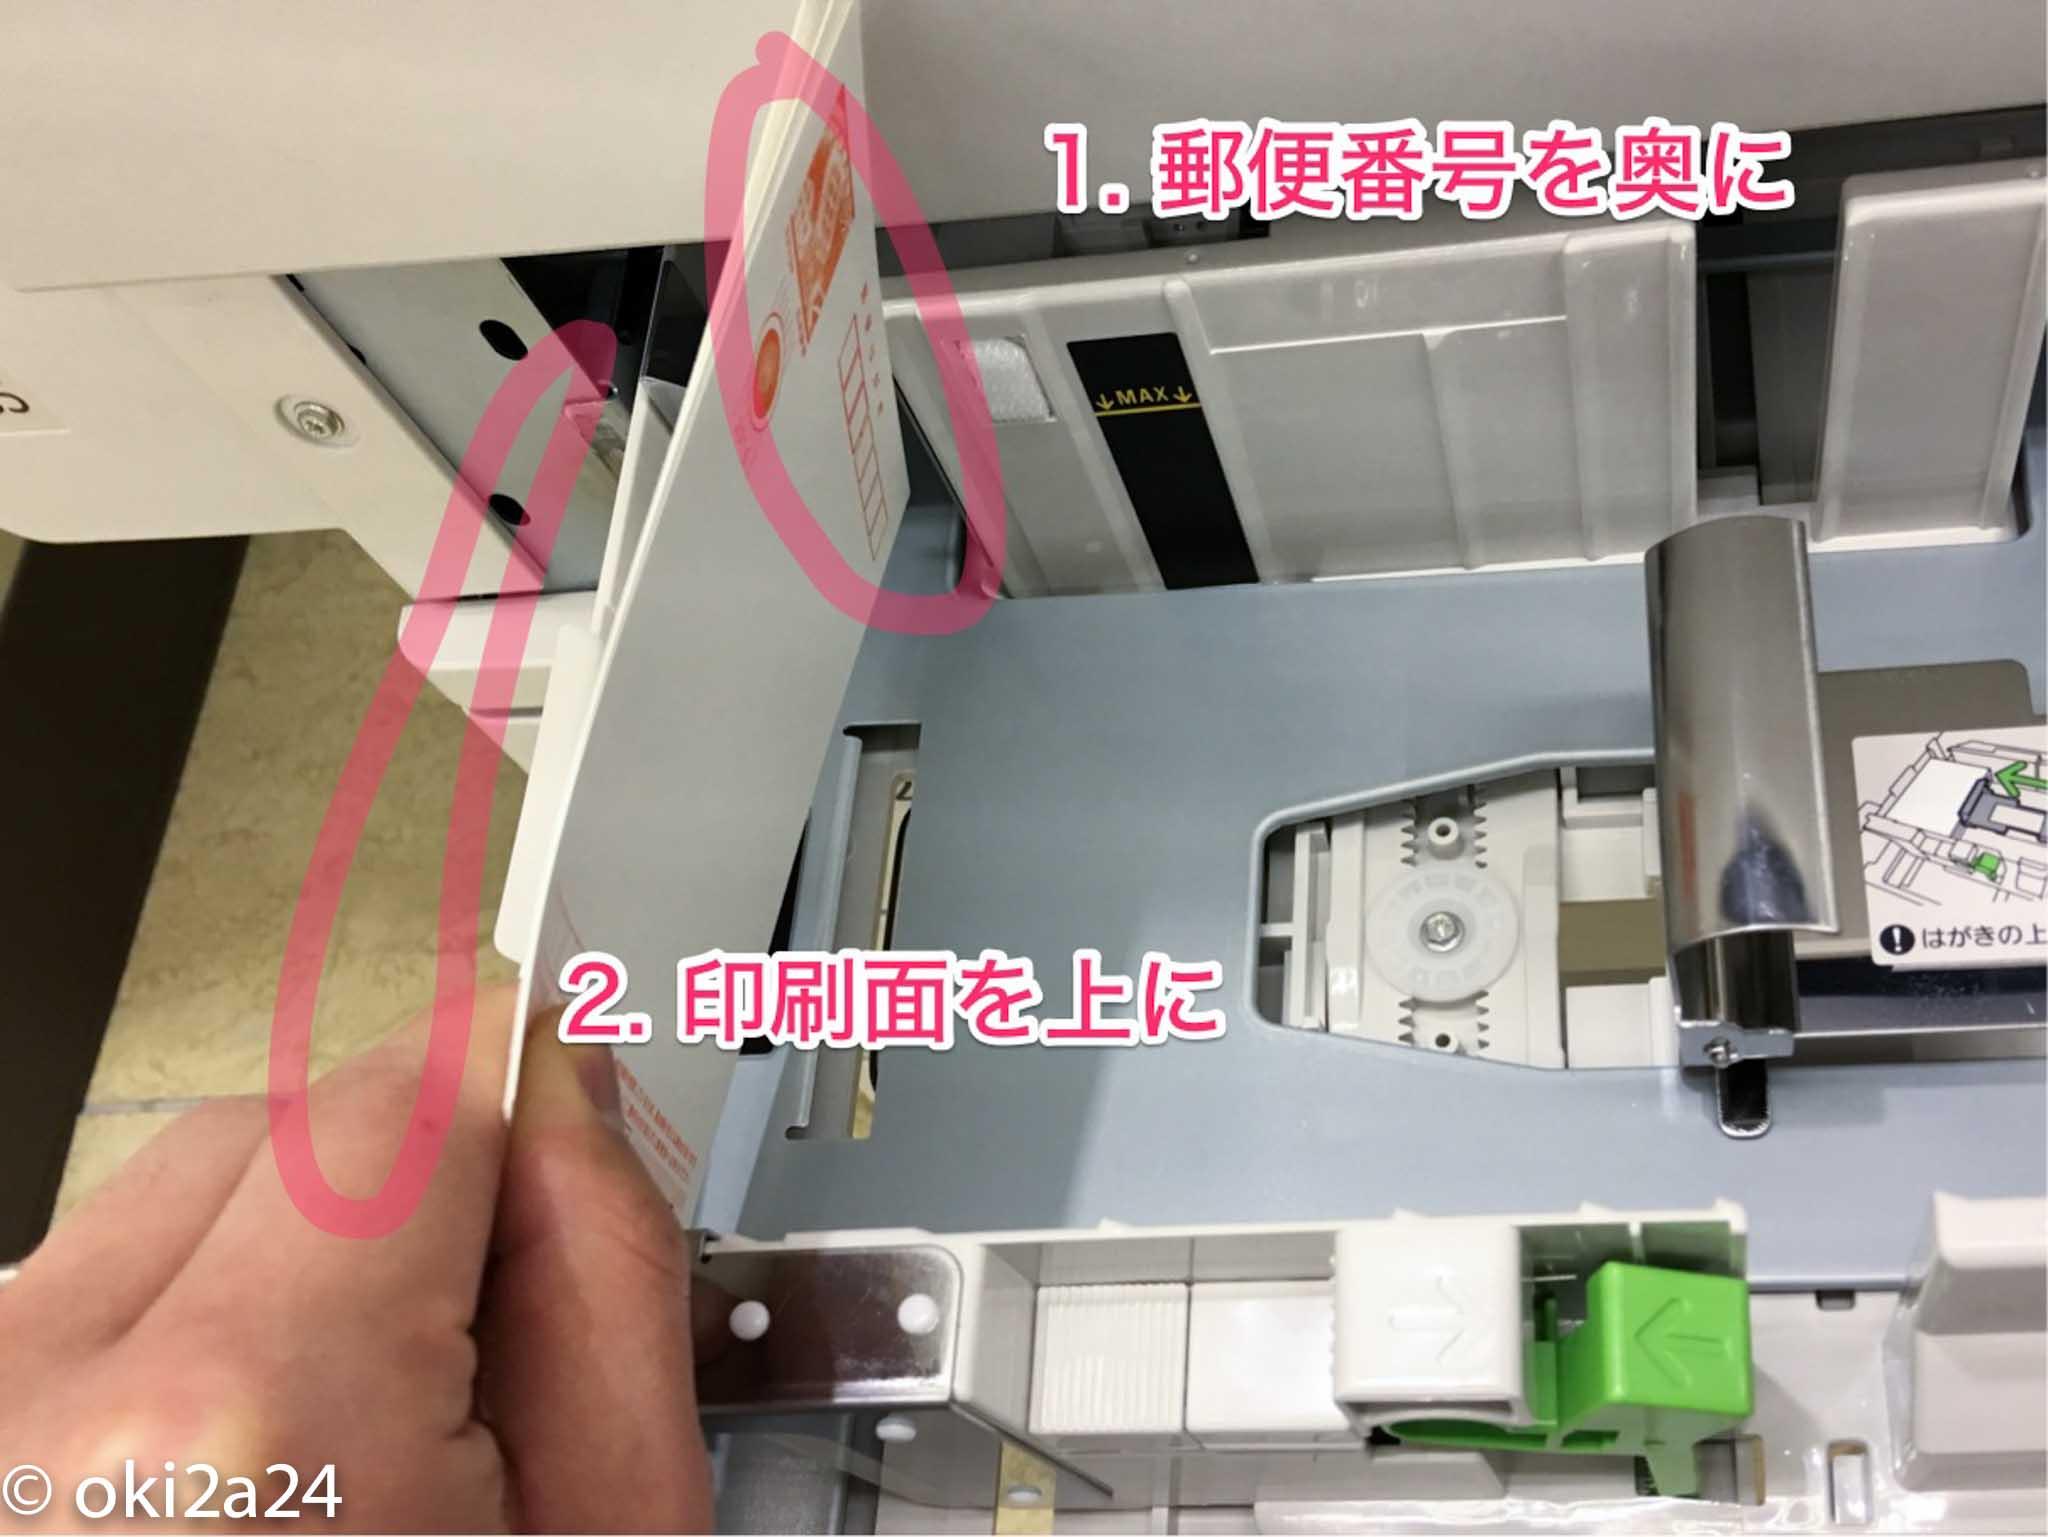 持ち込みはがきを、郵便番号をコピー機の奥側に、印刷面を上になるようにセット